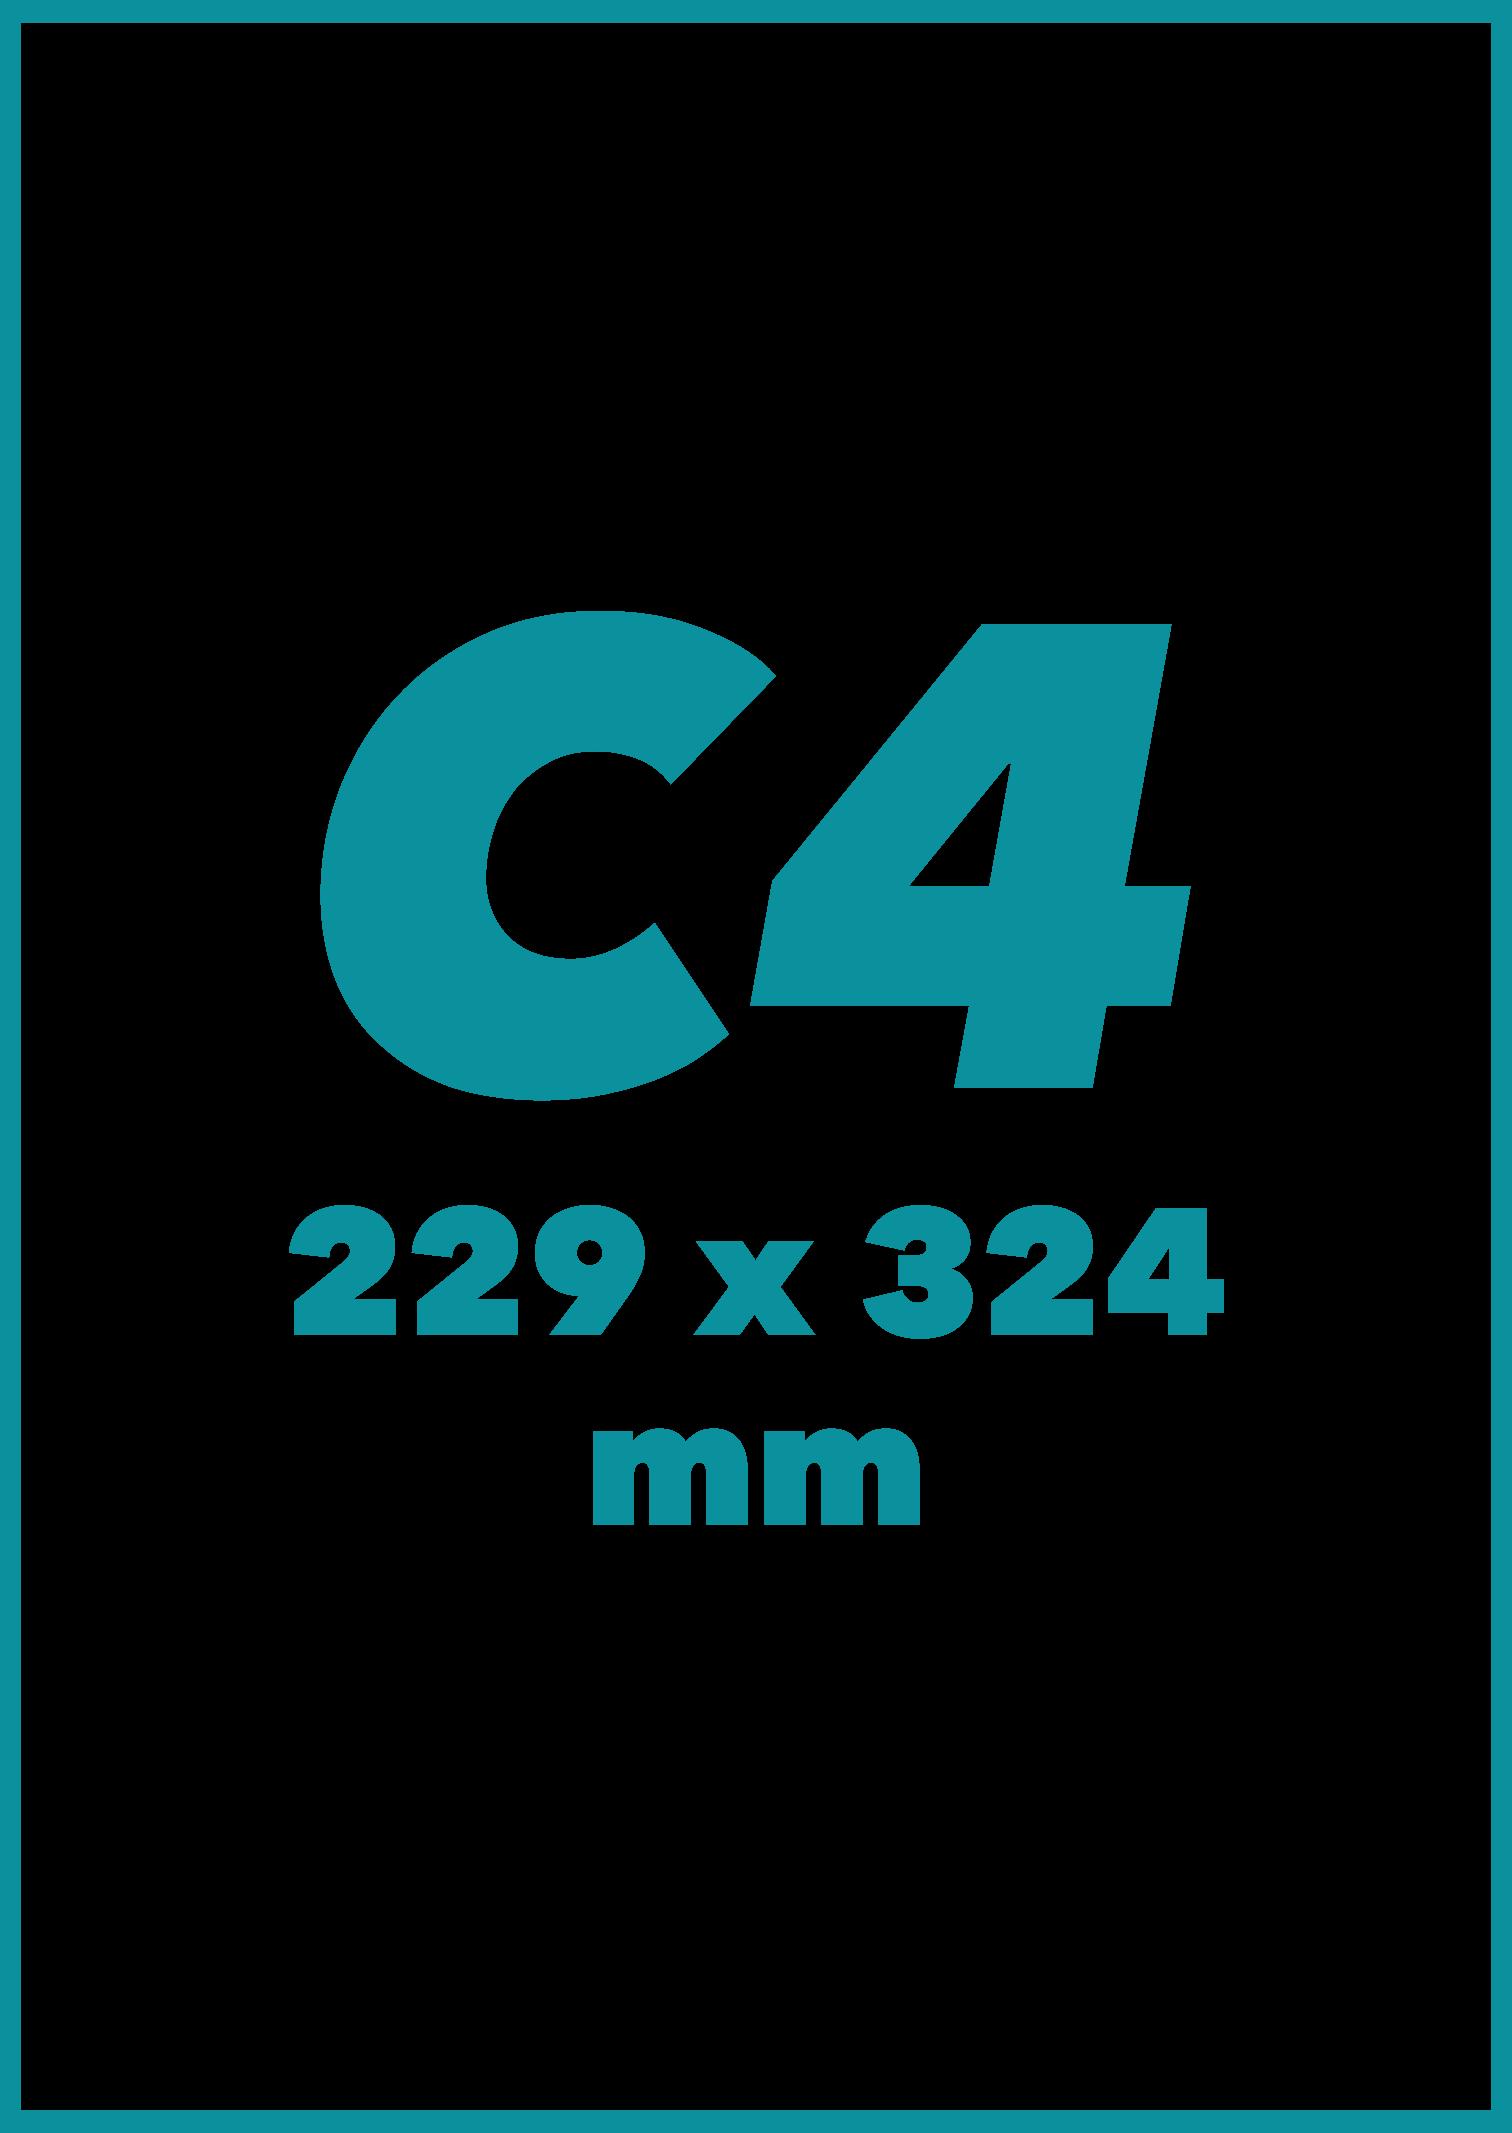 C4 Formatas